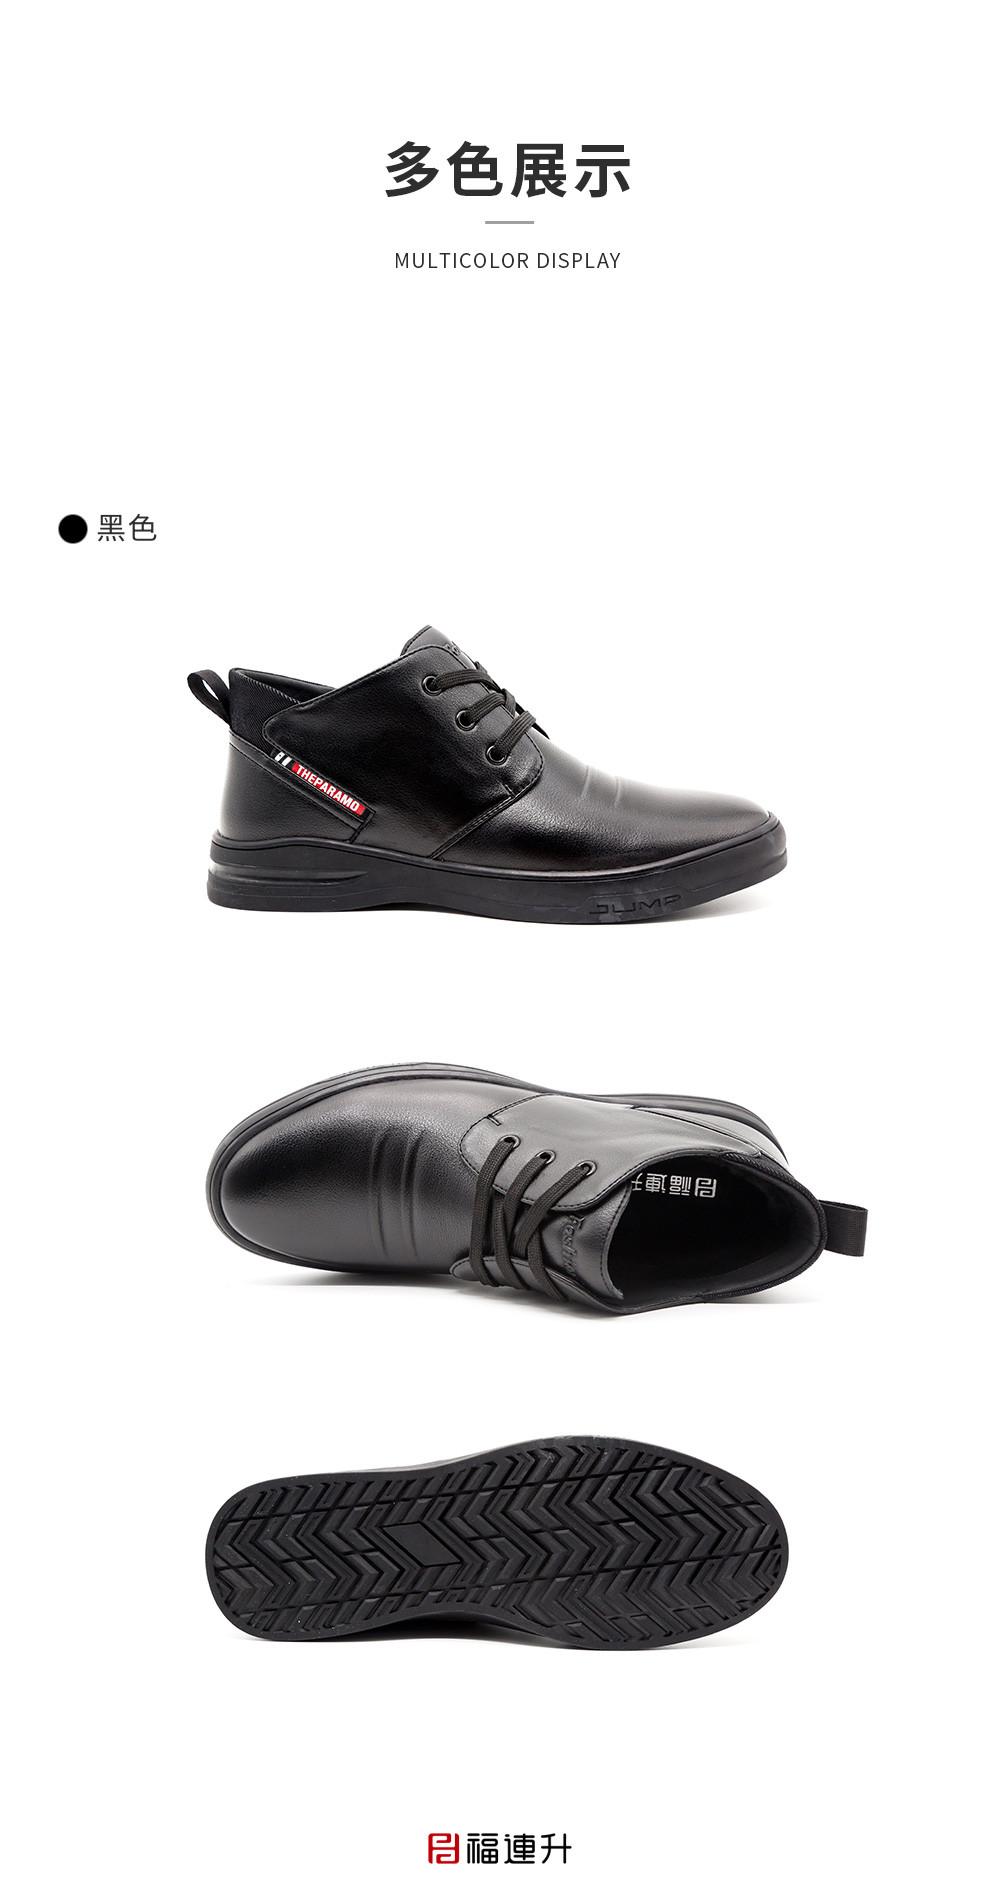 福连升男冬季加绒保暖加厚韩版真皮英伦防滑男士休闲商务鞋图片